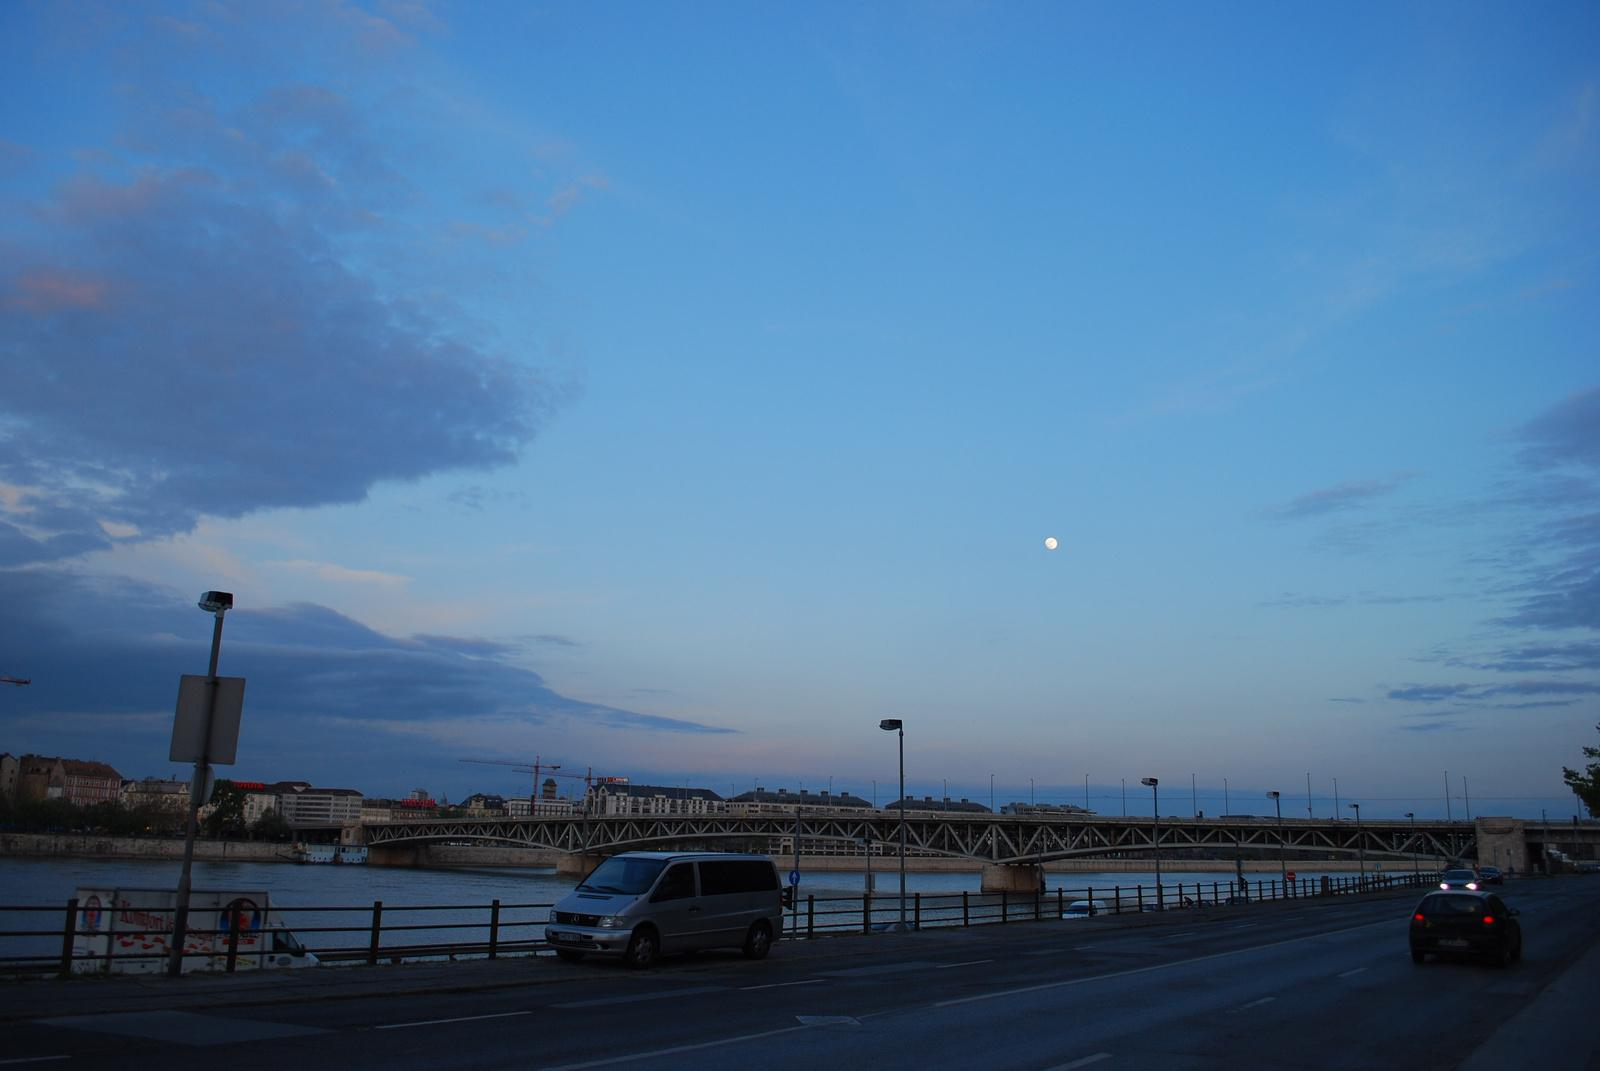 DSC 1459 felhők közt a hold